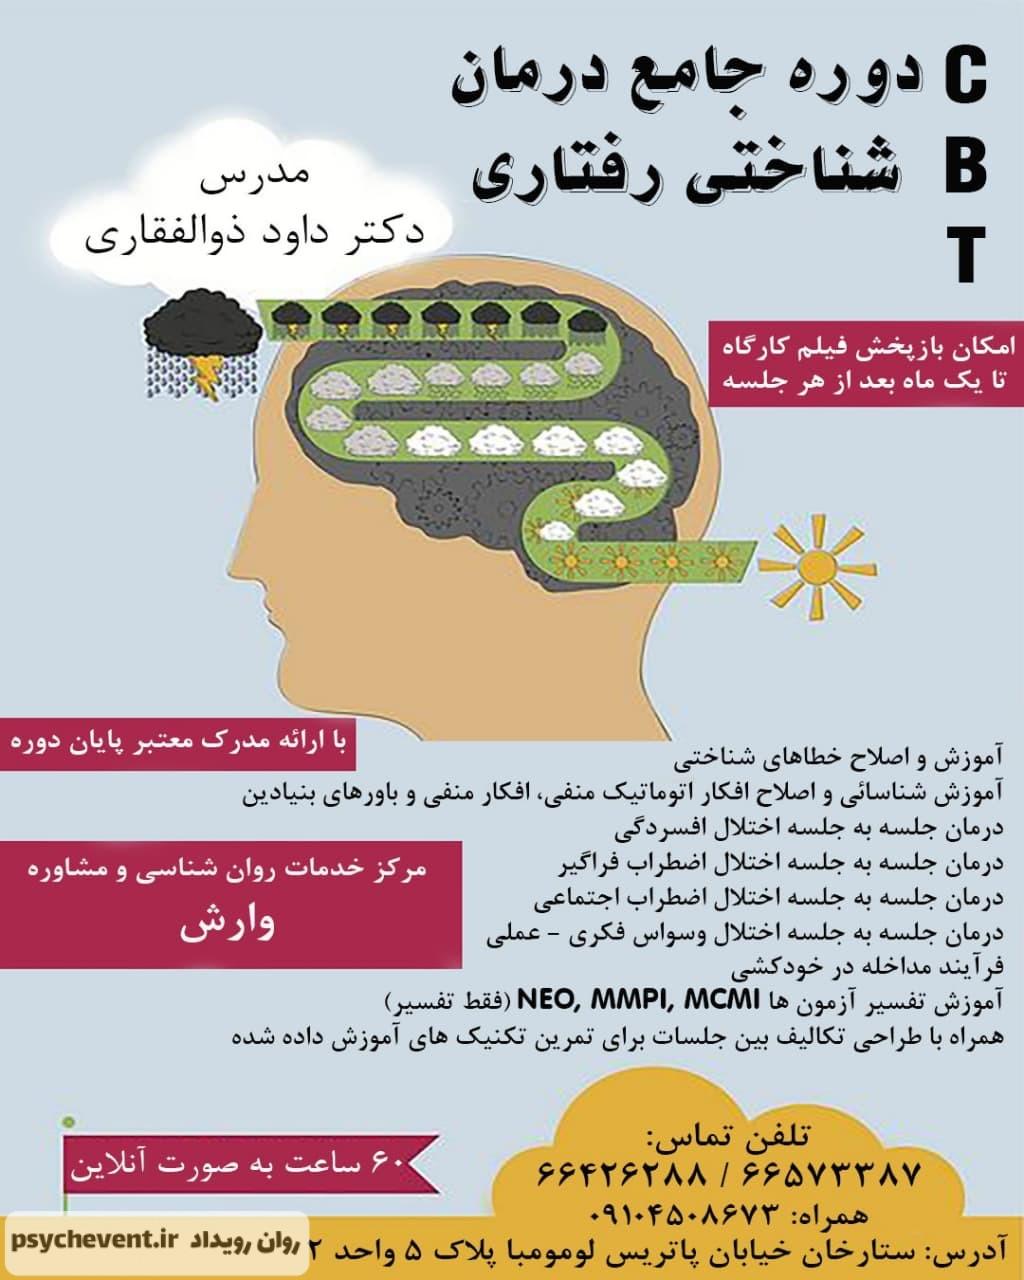 دوره جامع درمان شناختی رفتاری